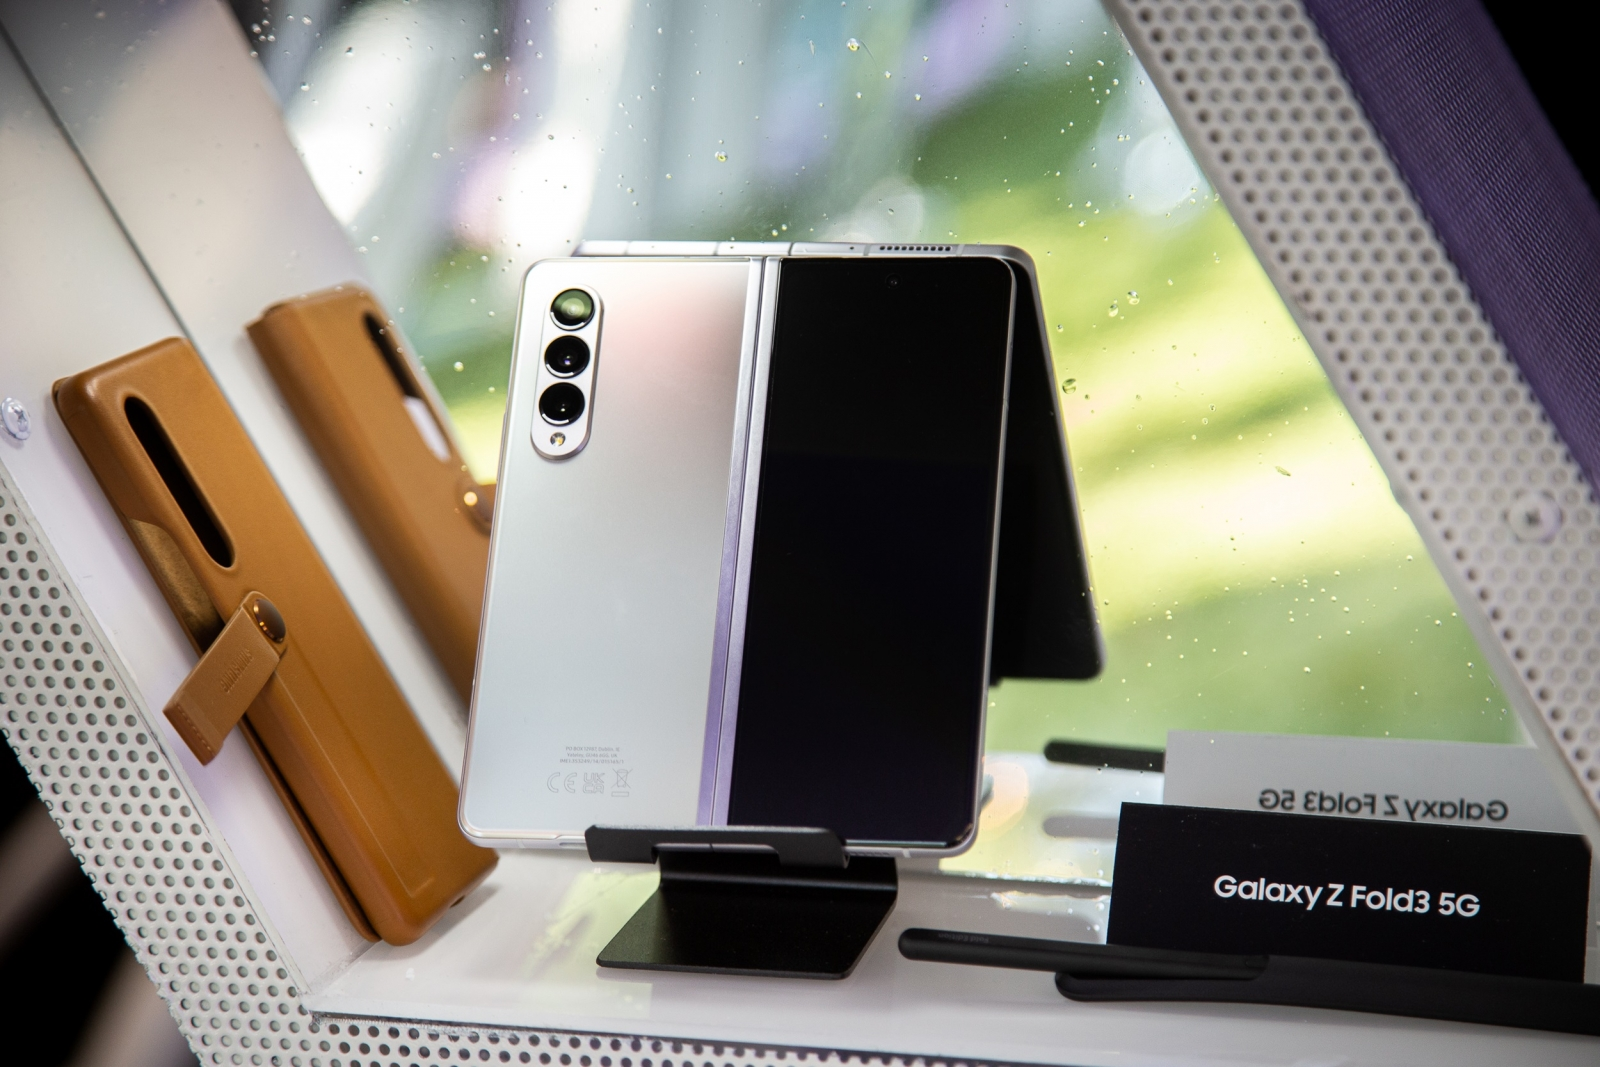 Samsung lansează noile telefoane pliabile Galaxy Z Fold 3 și Galaxy Z Flip  3 în România, în cadrul unui eveniment spectacol cu muzică, lumini și  socializare la Fratelli